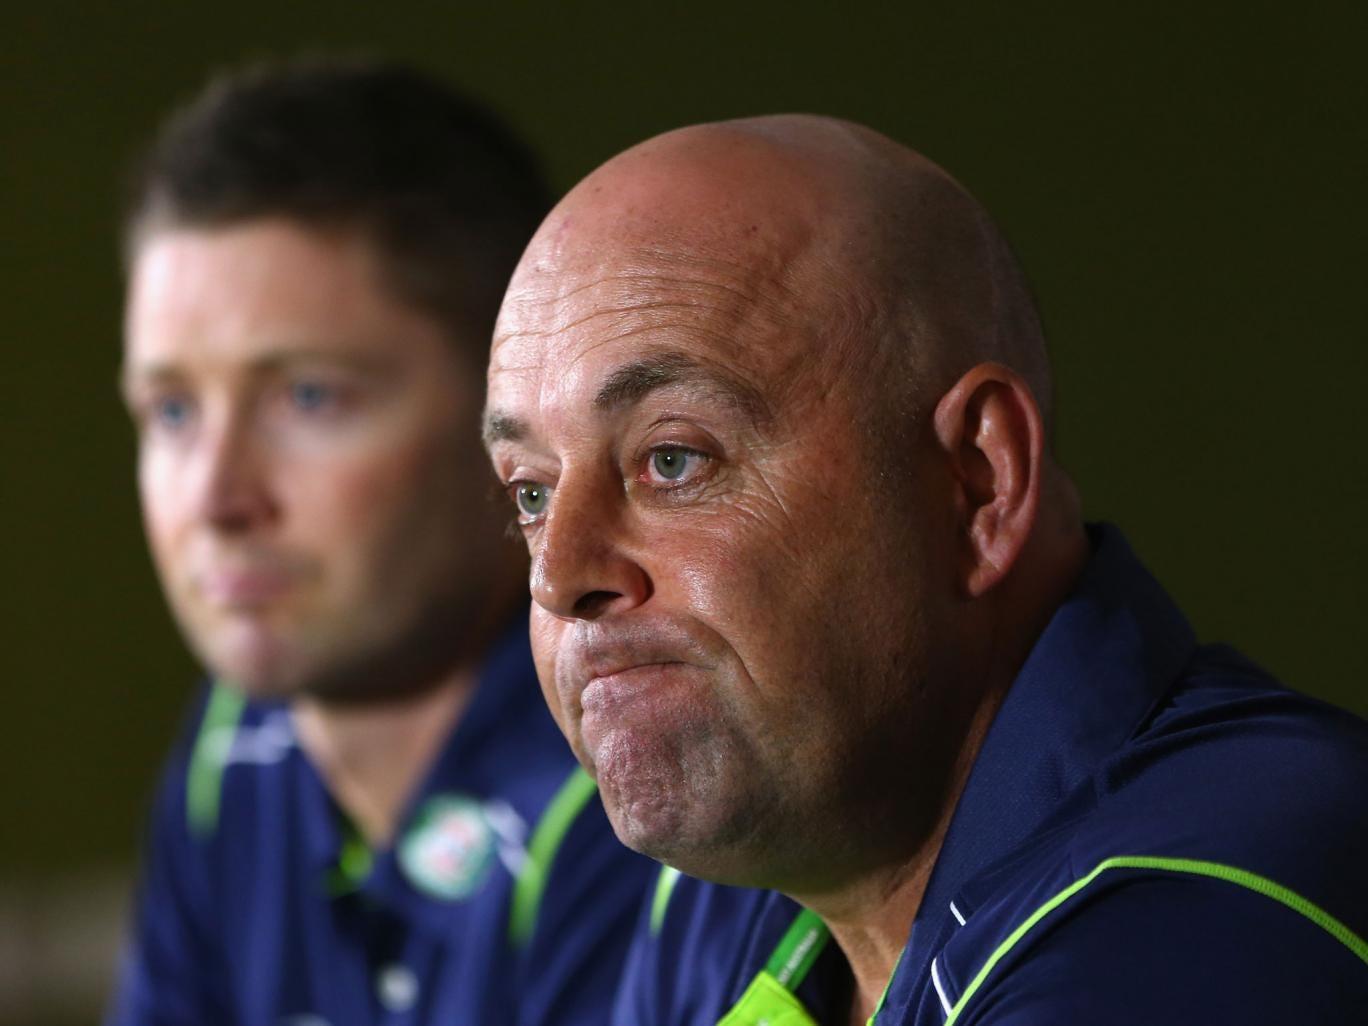 Australia's new coach, Darren Lehmann, (right) addresses the media alongside his captain, Michael Clarke (left)